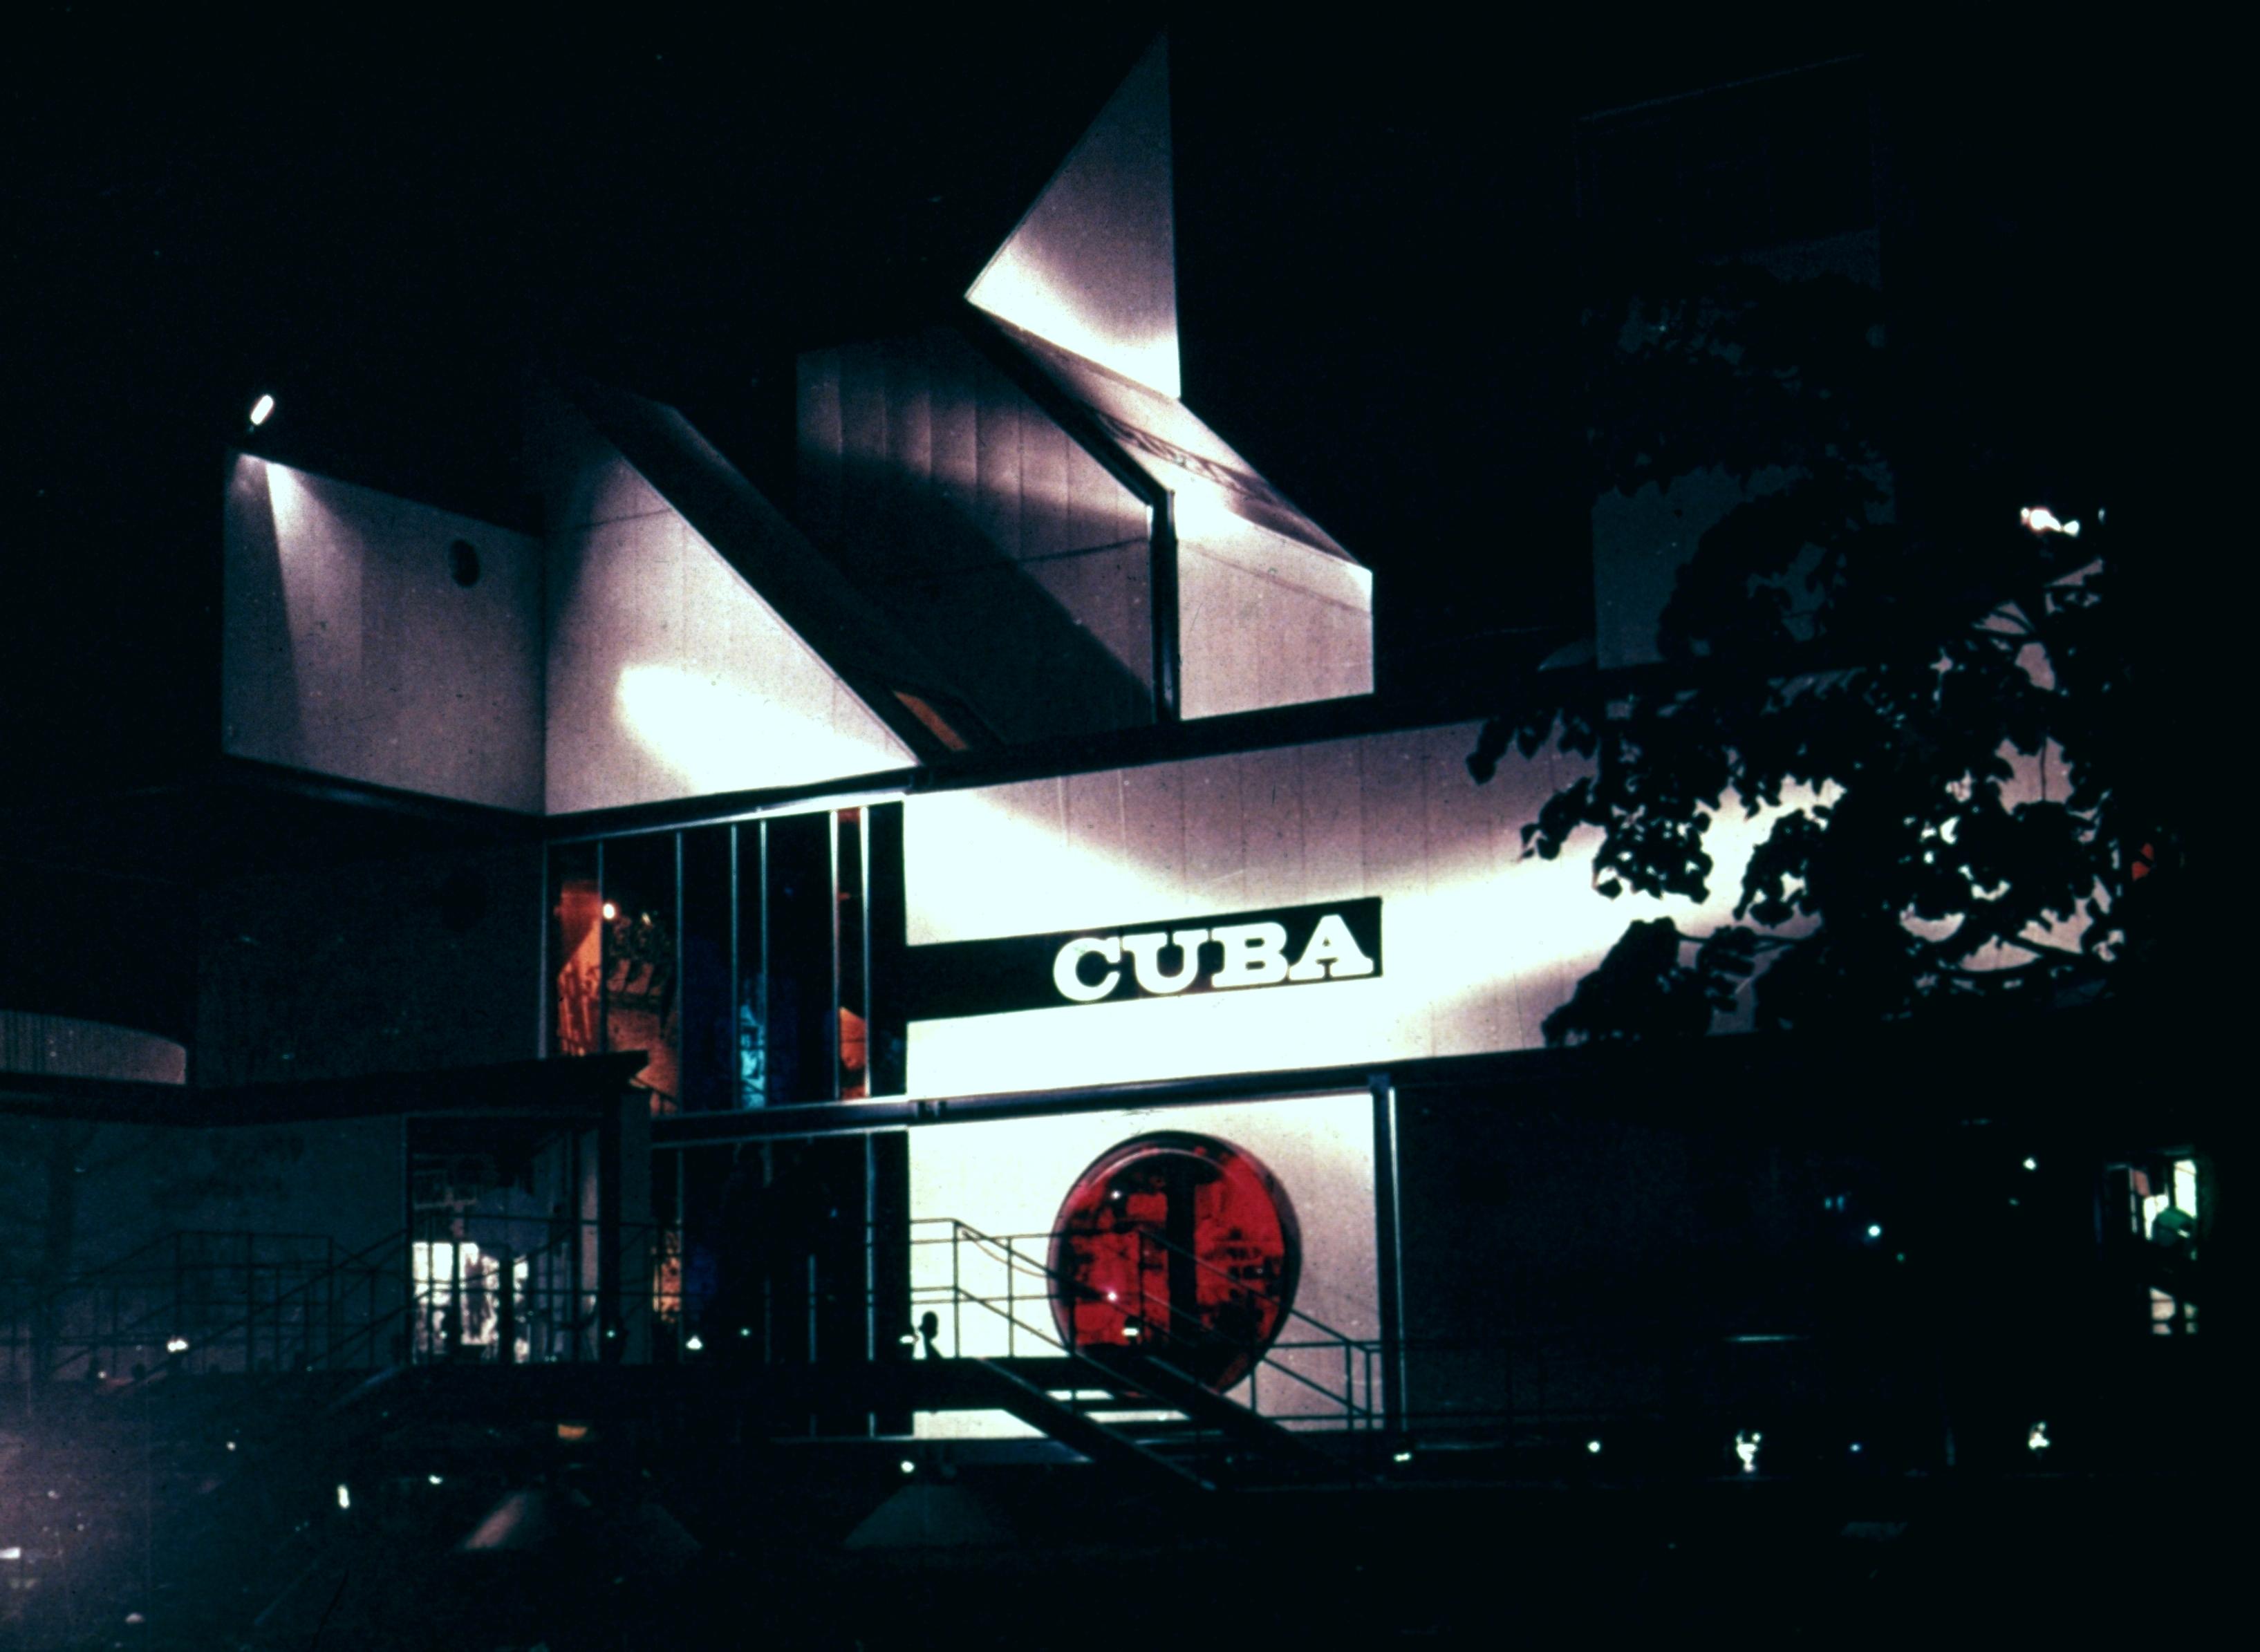 Vue d'ensemble du pavillon cubain, le soir.